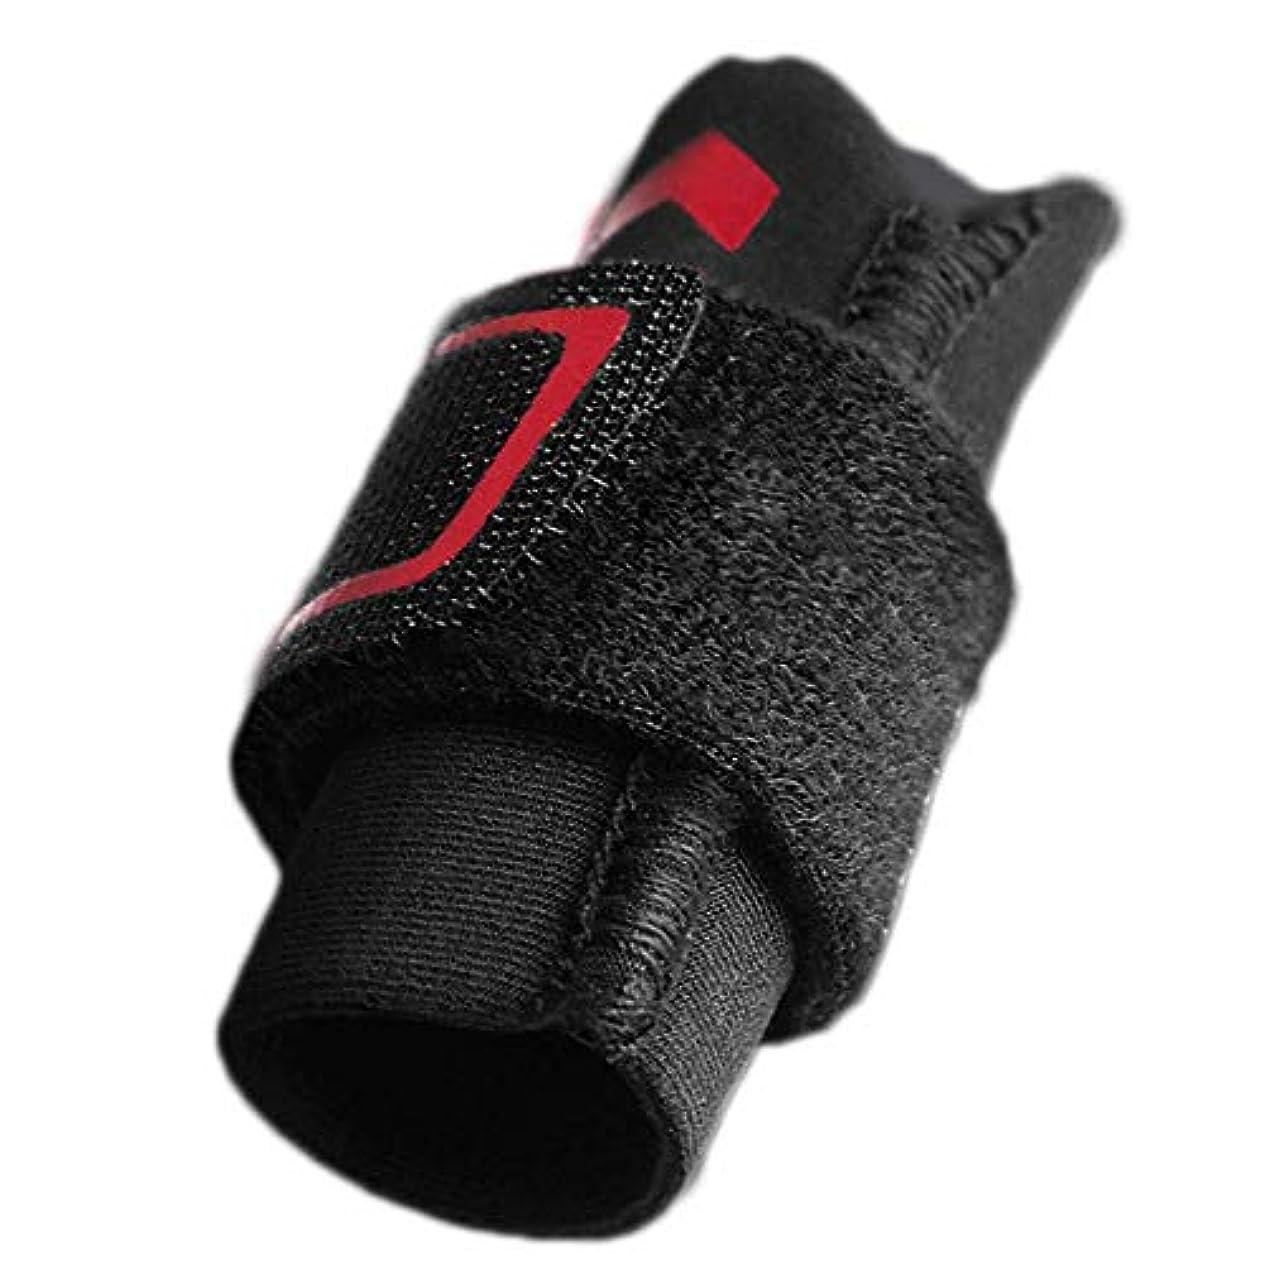 従事する名前普通の指の損傷のサポート、指スリーブのサポートプロテクターの指の添え木、調整可能なベルクロ、関節痛の緩和,L